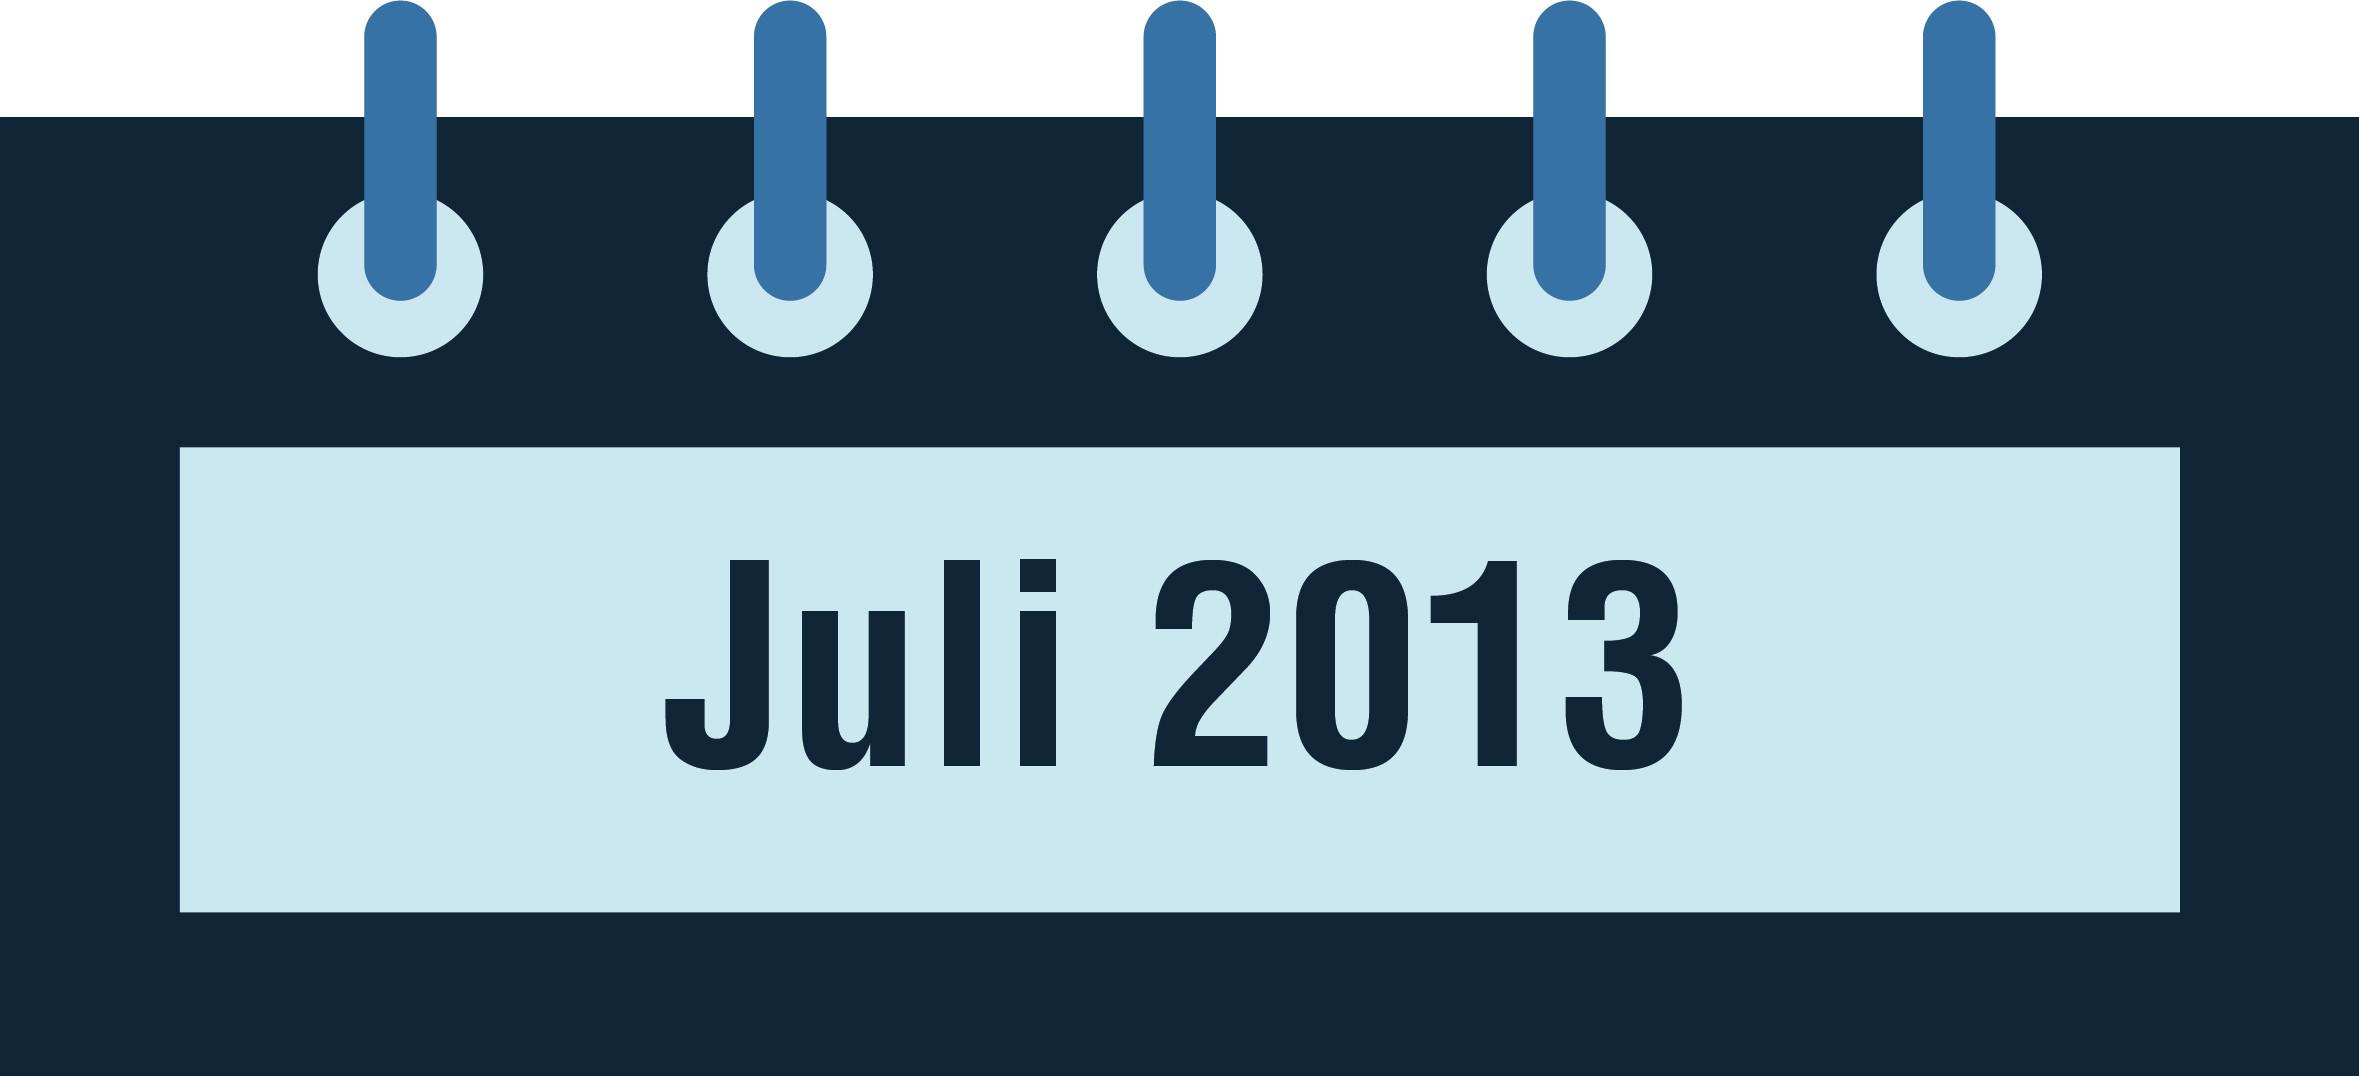 NeuroCheck Geschichte - Juli 2013 (Foto © NeuroCheck)